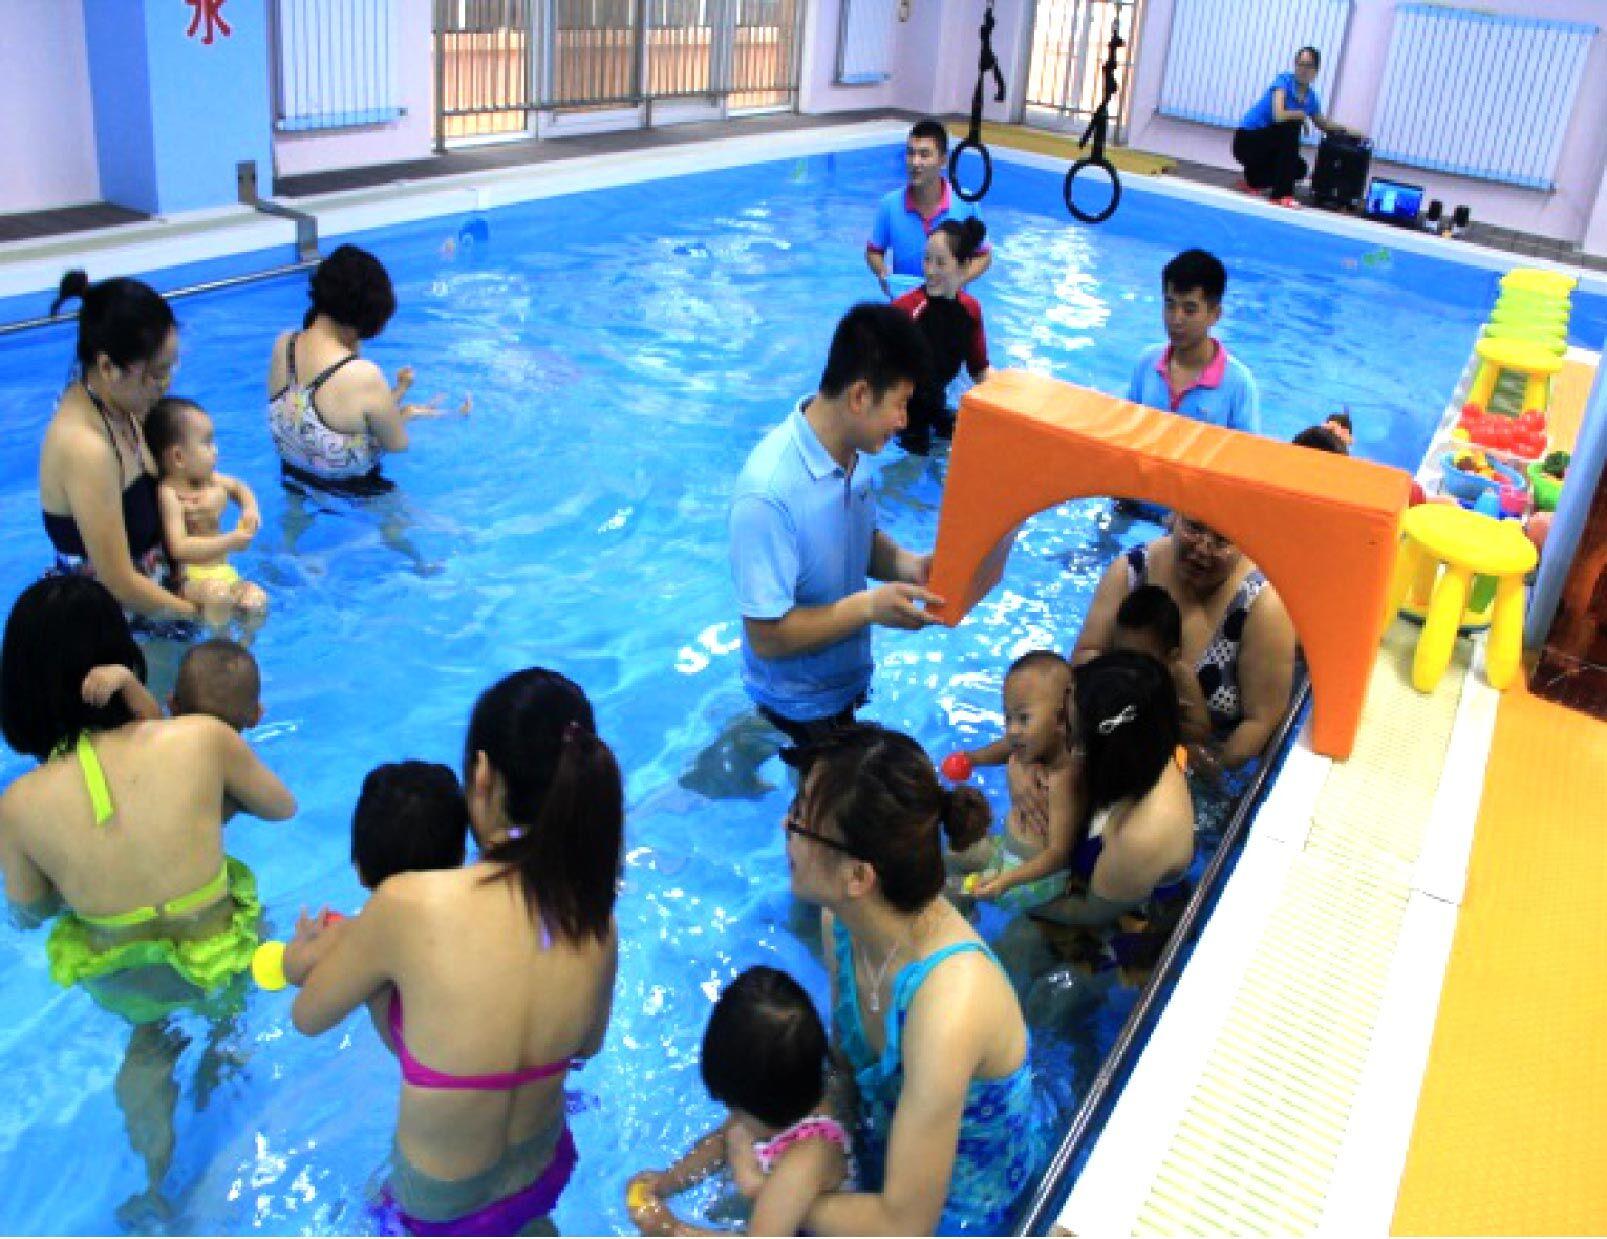 婴儿游泳池 宝宝游泳池 儿童游泳池 婴儿游泳馆 宝宝游泳馆 儿童游泳馆  幼儿游泳池